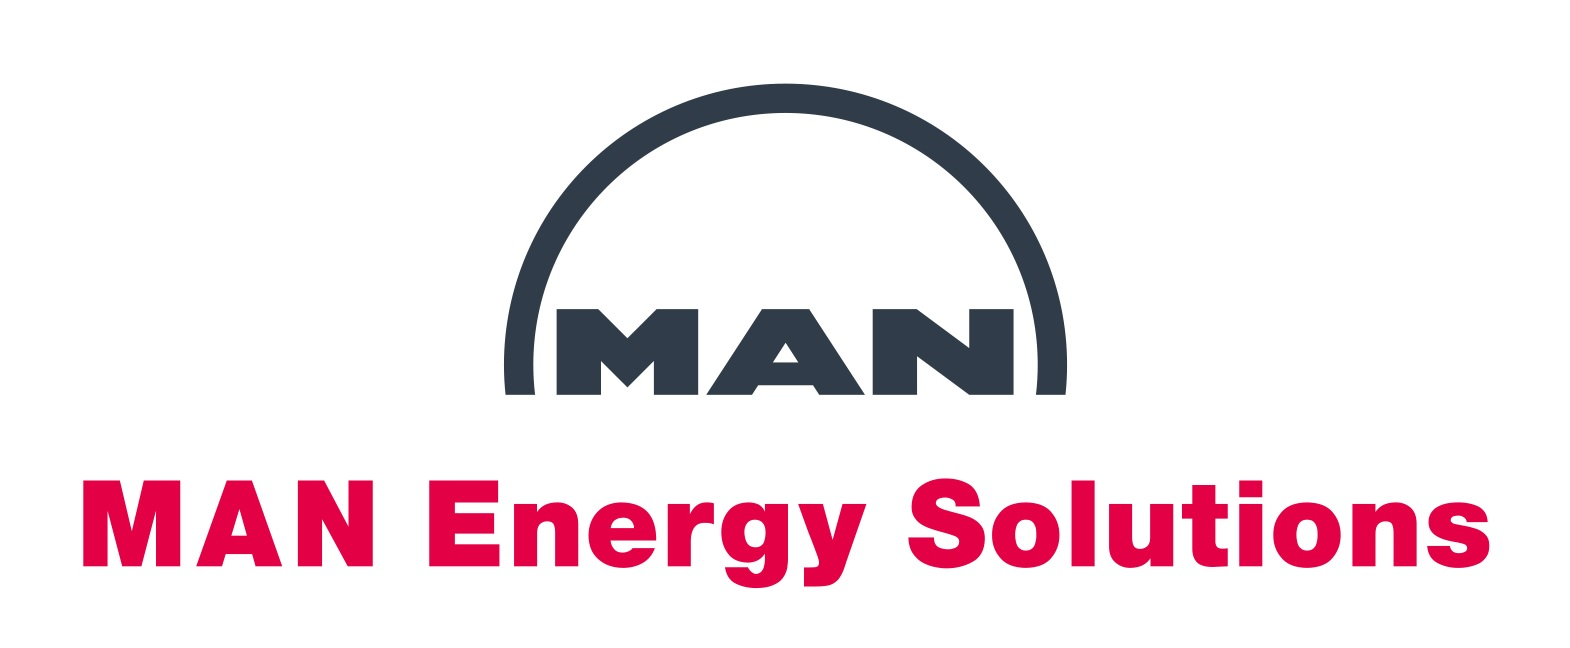 MAN Energy Solutions investiert in Wasserstoff mit der Übernahme von H-TEC Systems